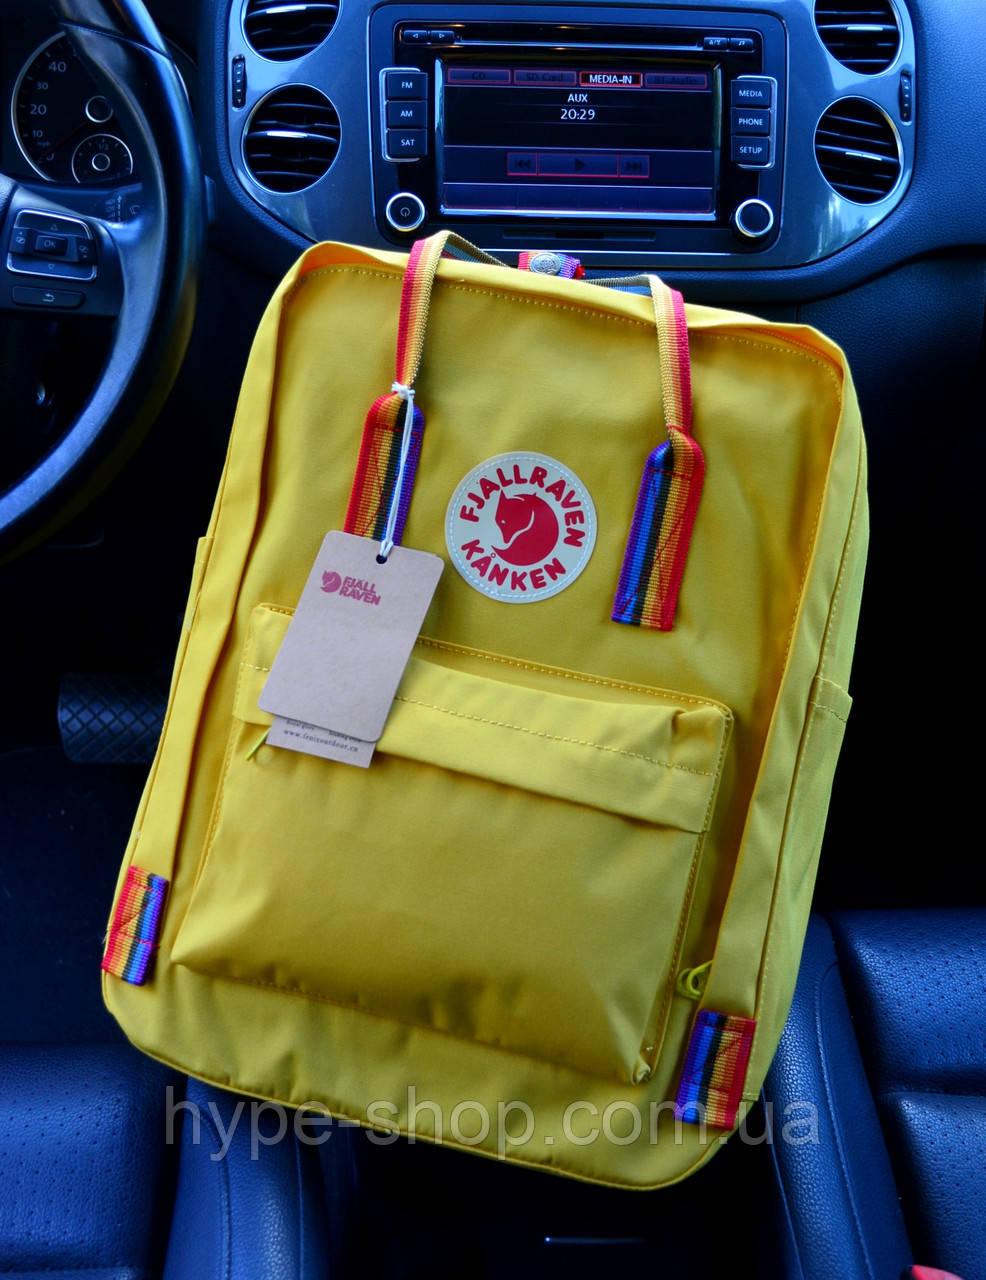 Рюкзак Kanken Classic yellow rainbow 16 літрів портфель канкен класік жовтий